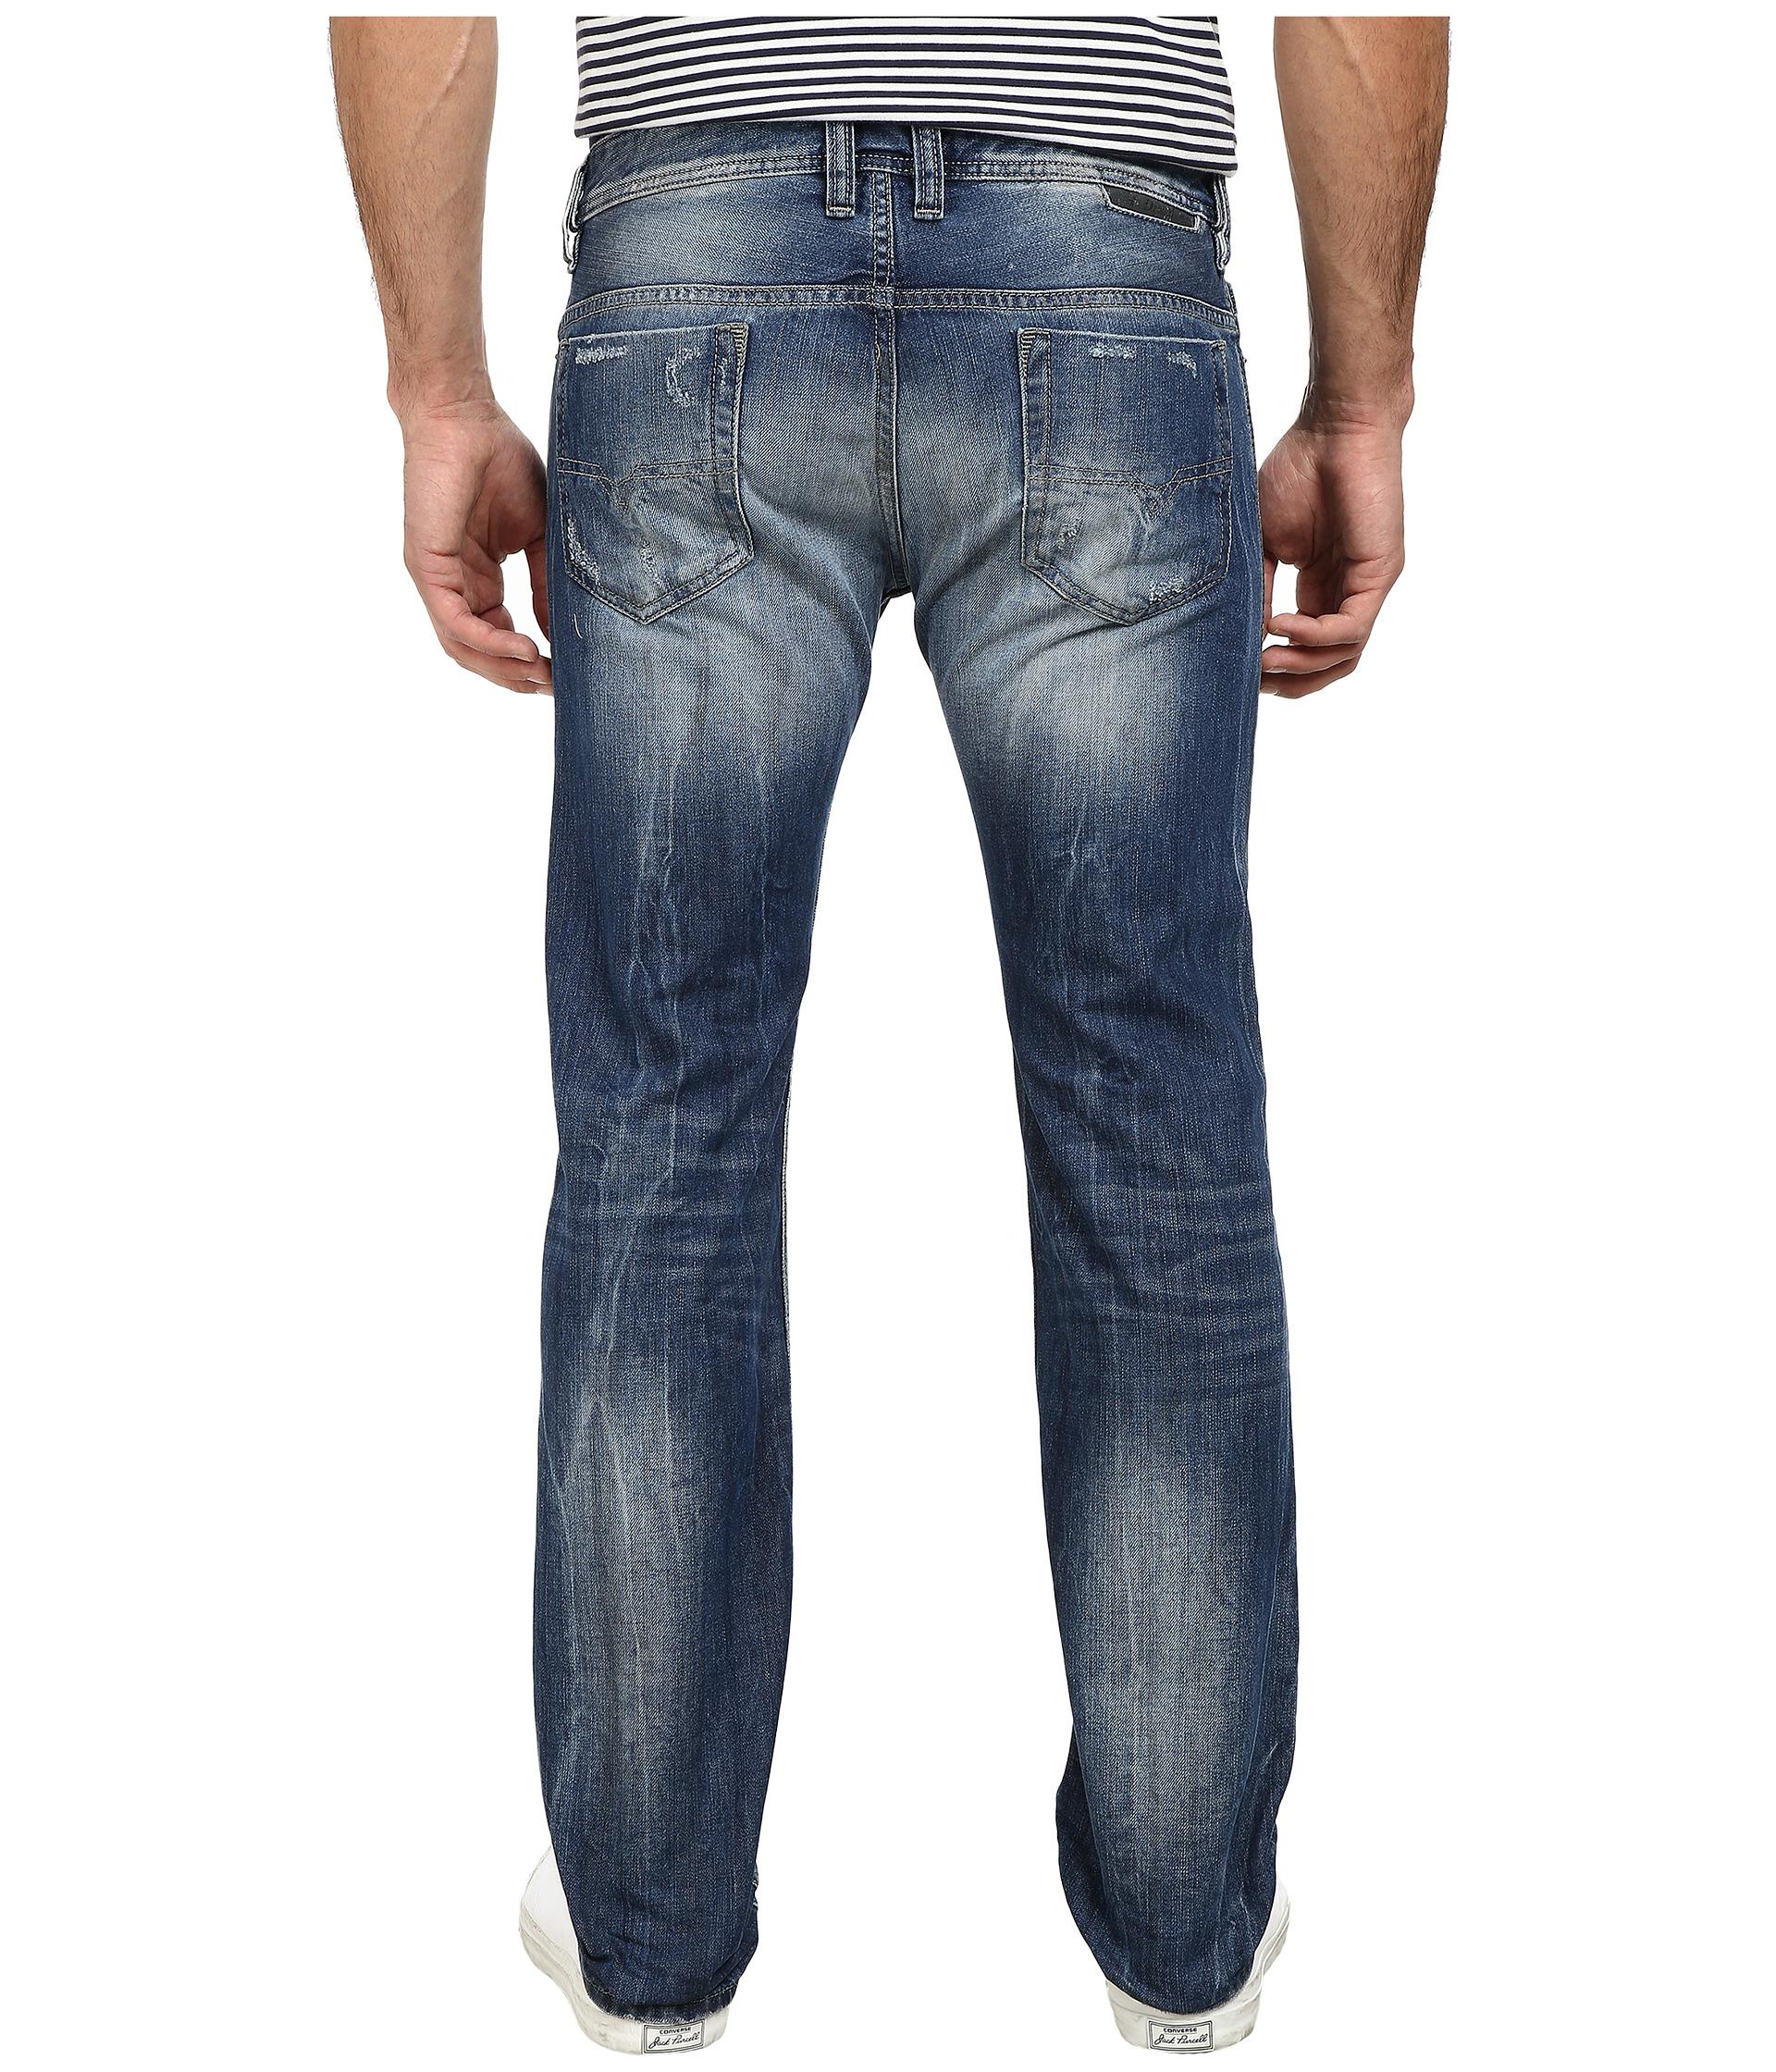 diesel jeans fit guide men images levis mens black jeans. Black Bedroom Furniture Sets. Home Design Ideas